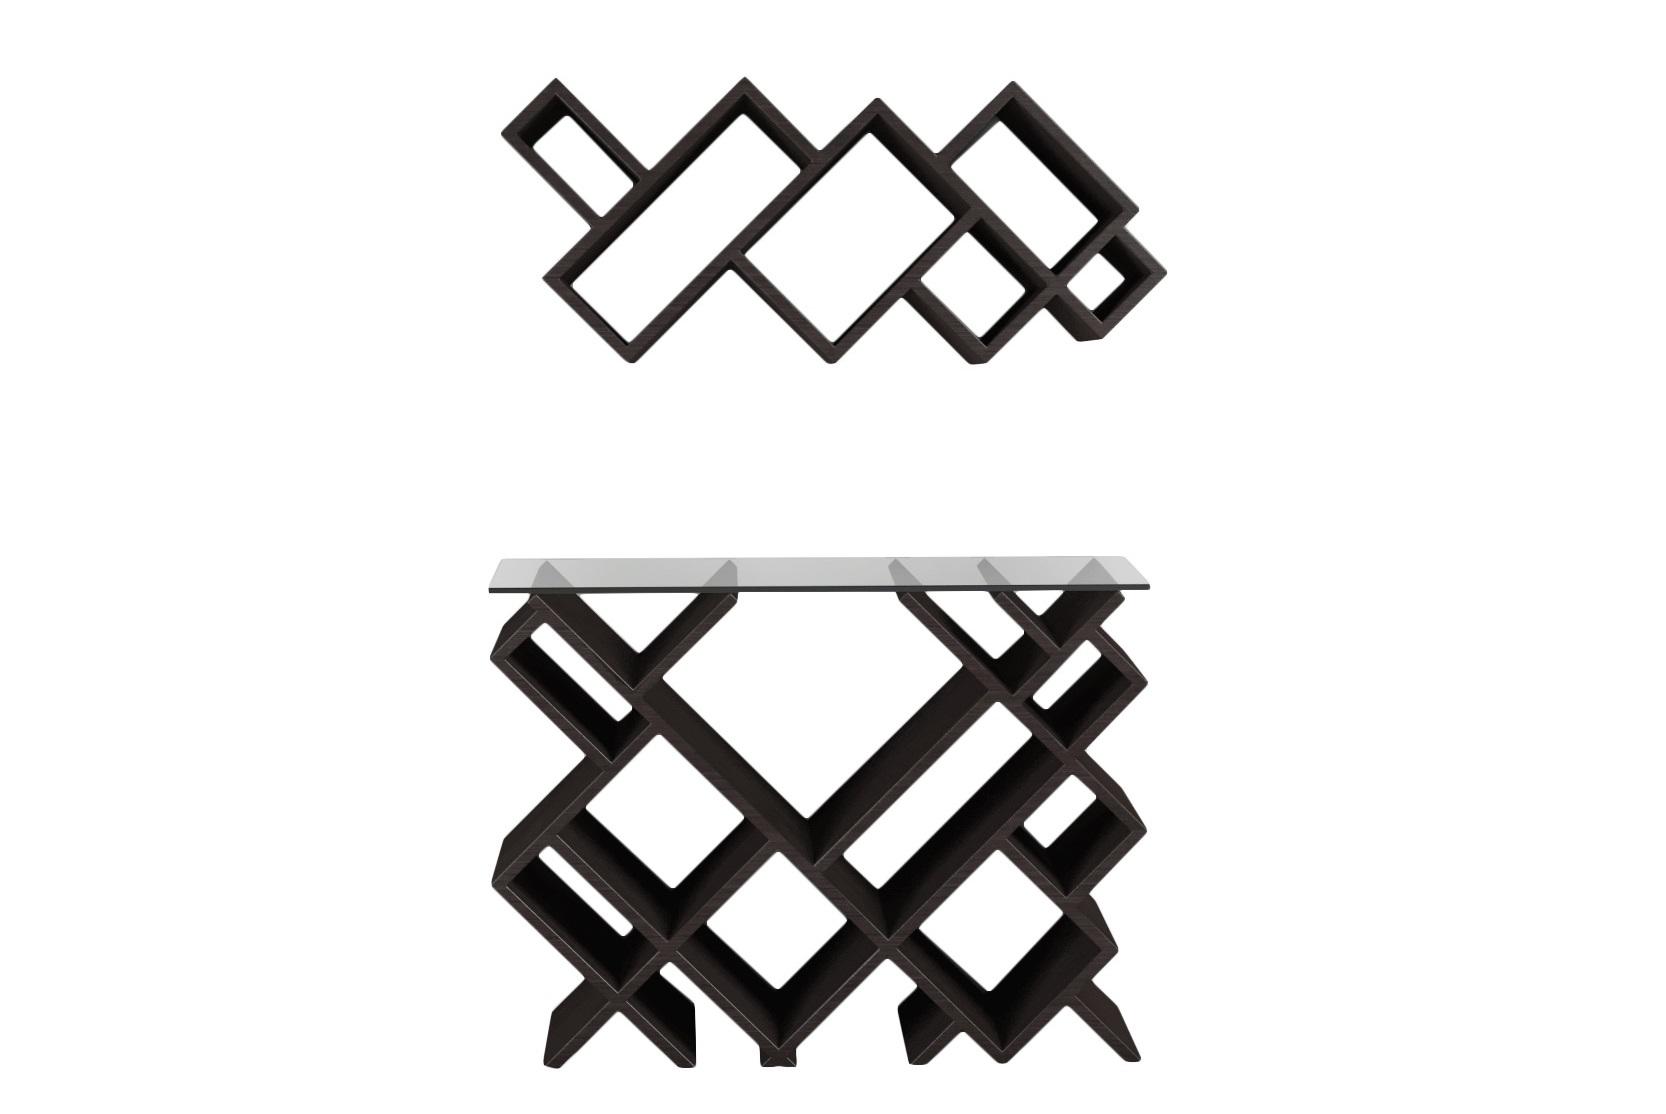 Комплект ГеометрияСтеллажи и этажерки<br>Необычные, современные полка и столик преобразят ваш интерьер!&amp;amp;nbsp;&amp;lt;div&amp;gt;&amp;lt;br&amp;gt;&amp;lt;/div&amp;gt;&amp;lt;div&amp;gt;&amp;lt;div&amp;gt;Размеры:&amp;amp;nbsp;&amp;lt;/div&amp;gt;&amp;lt;div&amp;gt;Верхняя часть - 85x 37x 24см&amp;lt;/div&amp;gt;&amp;lt;div&amp;gt;Нижняя часть - 85x 67x 24см&amp;lt;/div&amp;gt;&amp;lt;/div&amp;gt;&amp;lt;div&amp;gt;Материал: МДФ, шпон&amp;amp;nbsp;&amp;lt;/div&amp;gt;&amp;lt;div&amp;gt;&amp;lt;br&amp;gt;&amp;lt;/div&amp;gt;<br><br>Material: МДФ<br>Width см: 67<br>Depth см: 24<br>Height см: 85